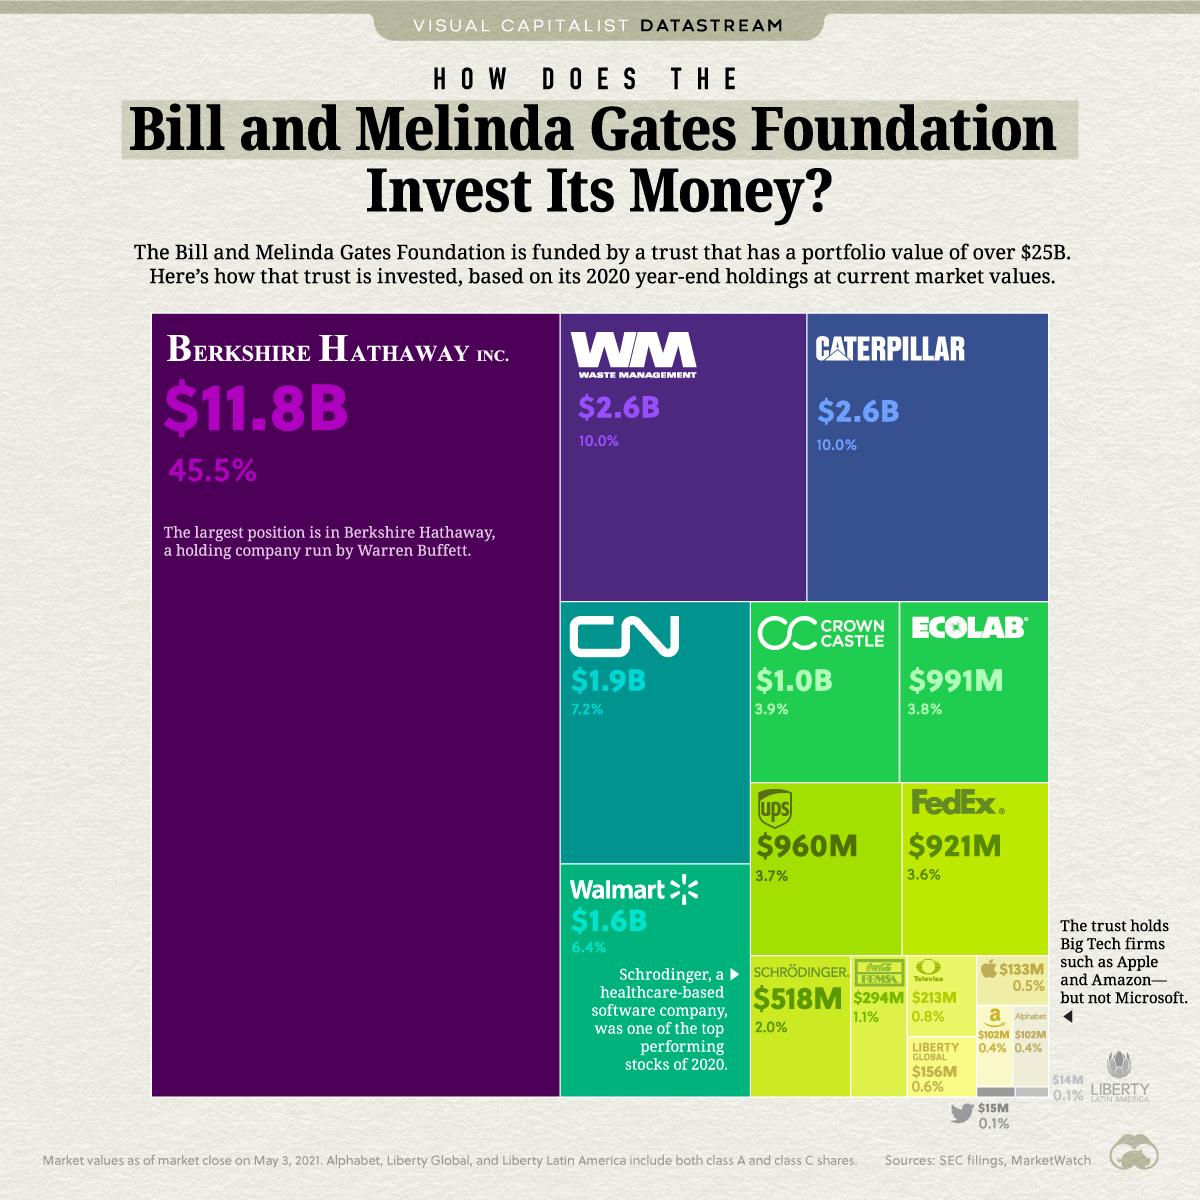 ¿Cómo invierte su dinero la Fundación Bill y Melinda Gates?